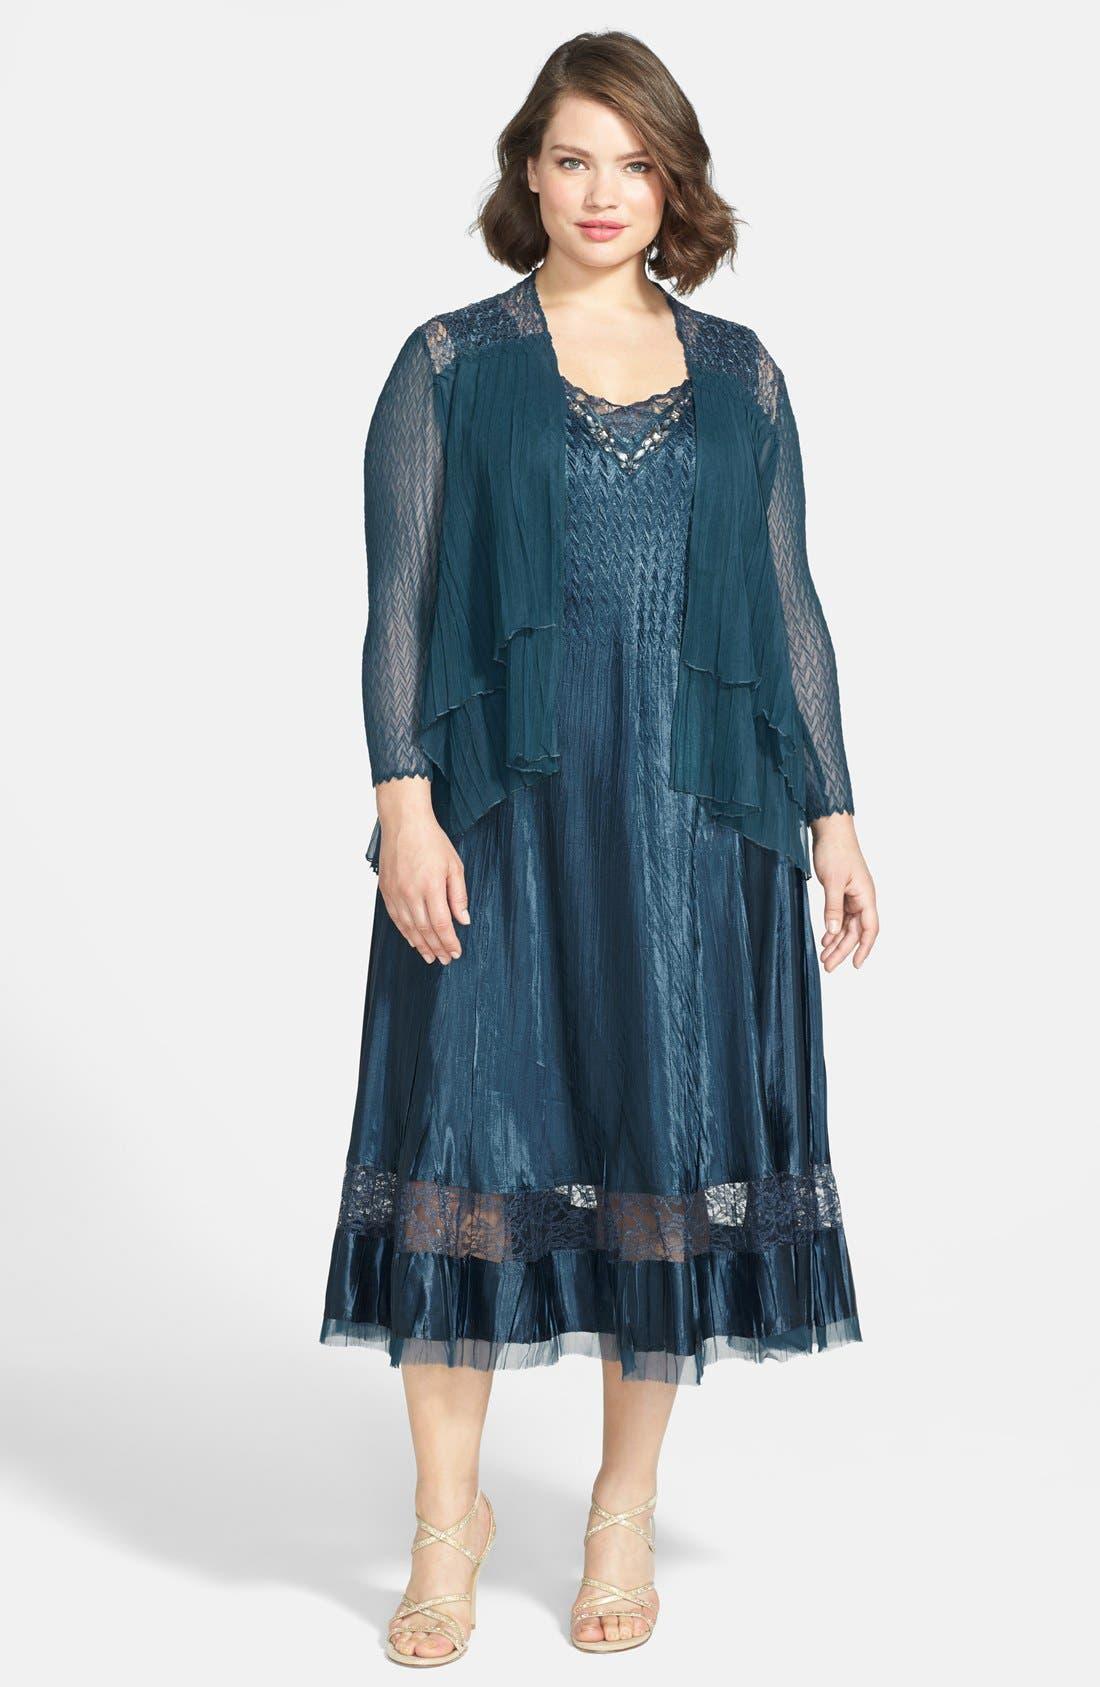 Alternate Image 1 Selected - Komarov Embellished Charmeuse Dress & Chiffon Jacket (Plus Size)